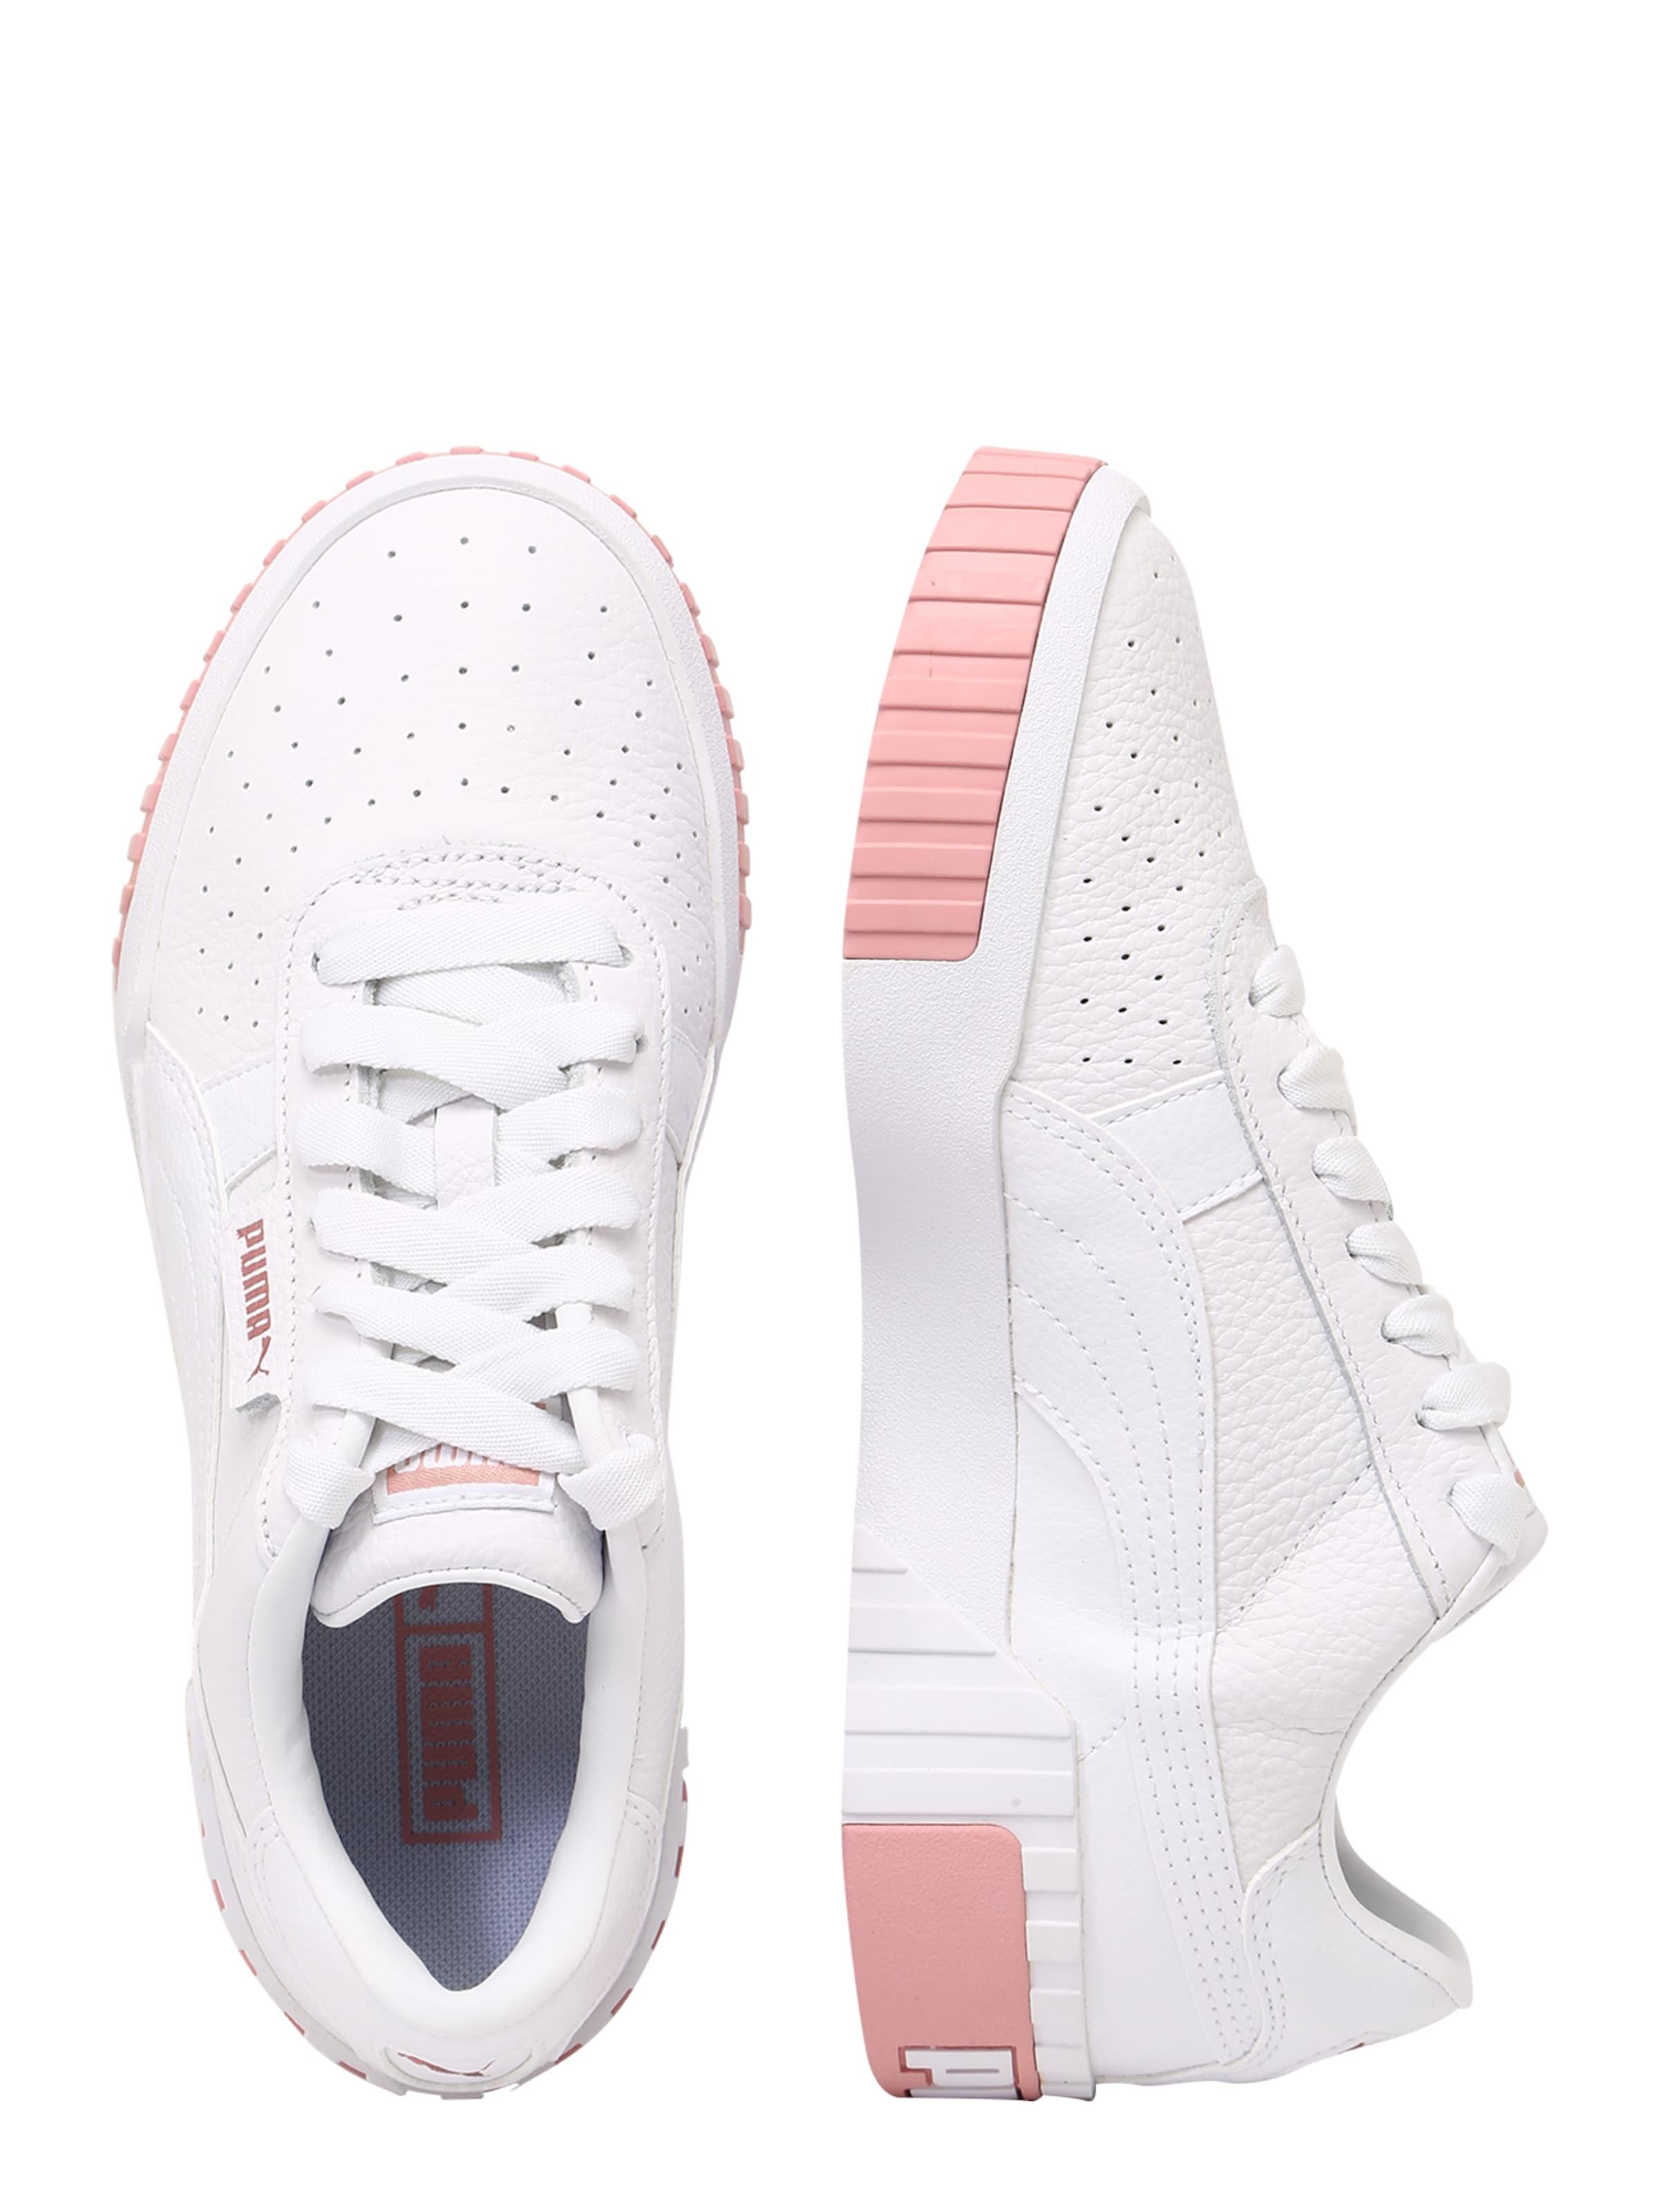 'cali' Weiß Puma In Sneaker Sneaker Puma In 'cali' rshQCtd